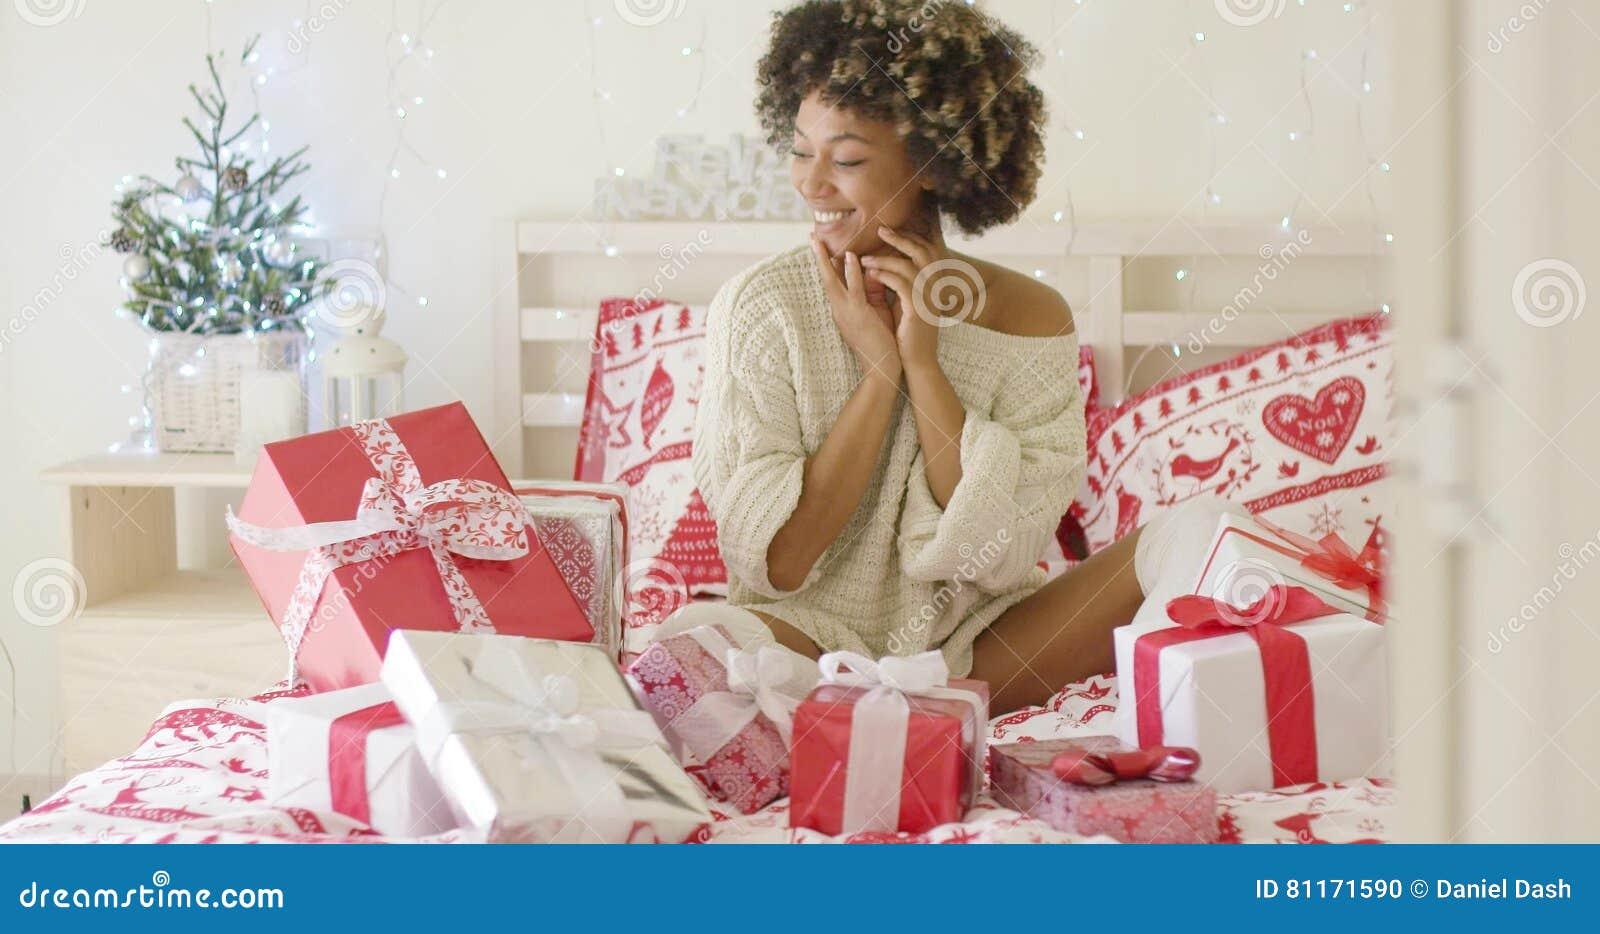 974b2535241a Mujer joven emocionada con una cama llena de regalos de Navidad.